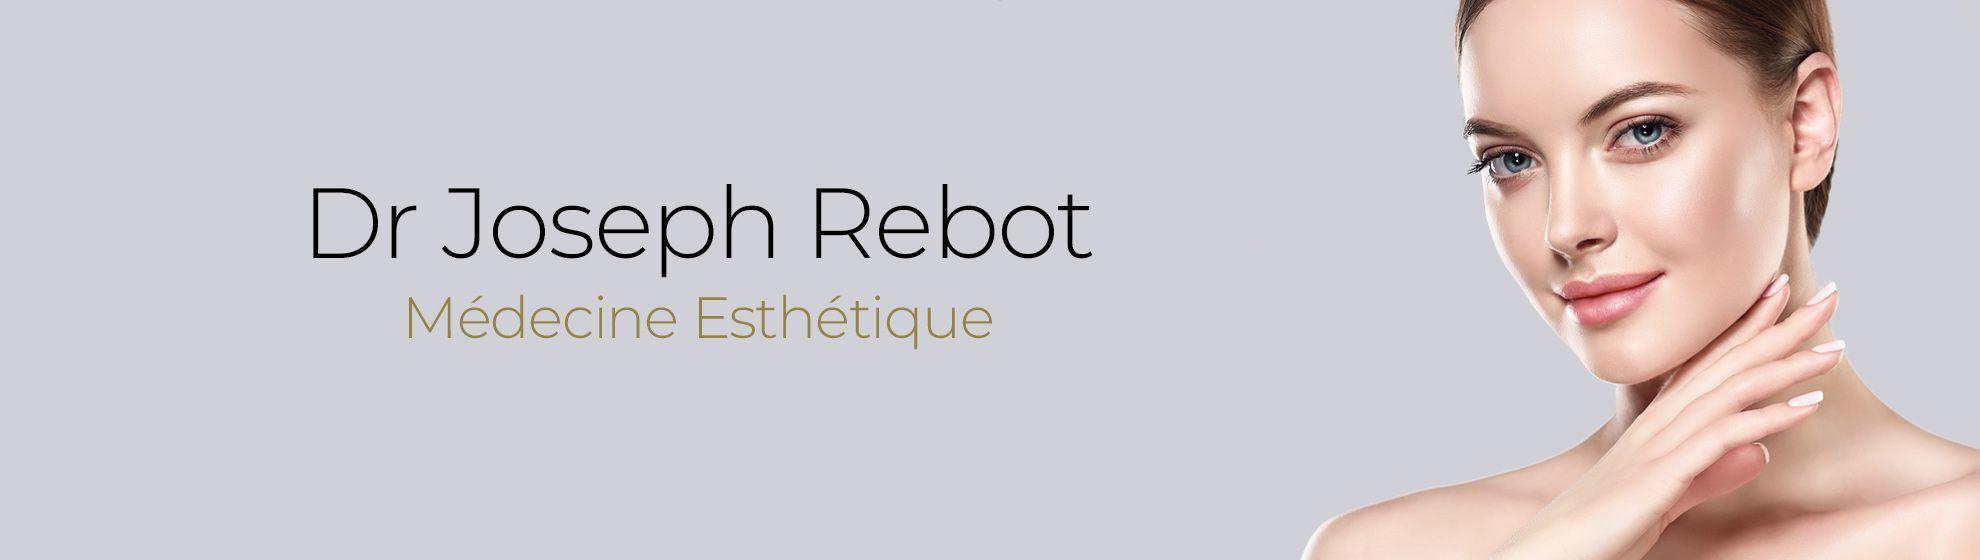 Dr Joseph Rebot